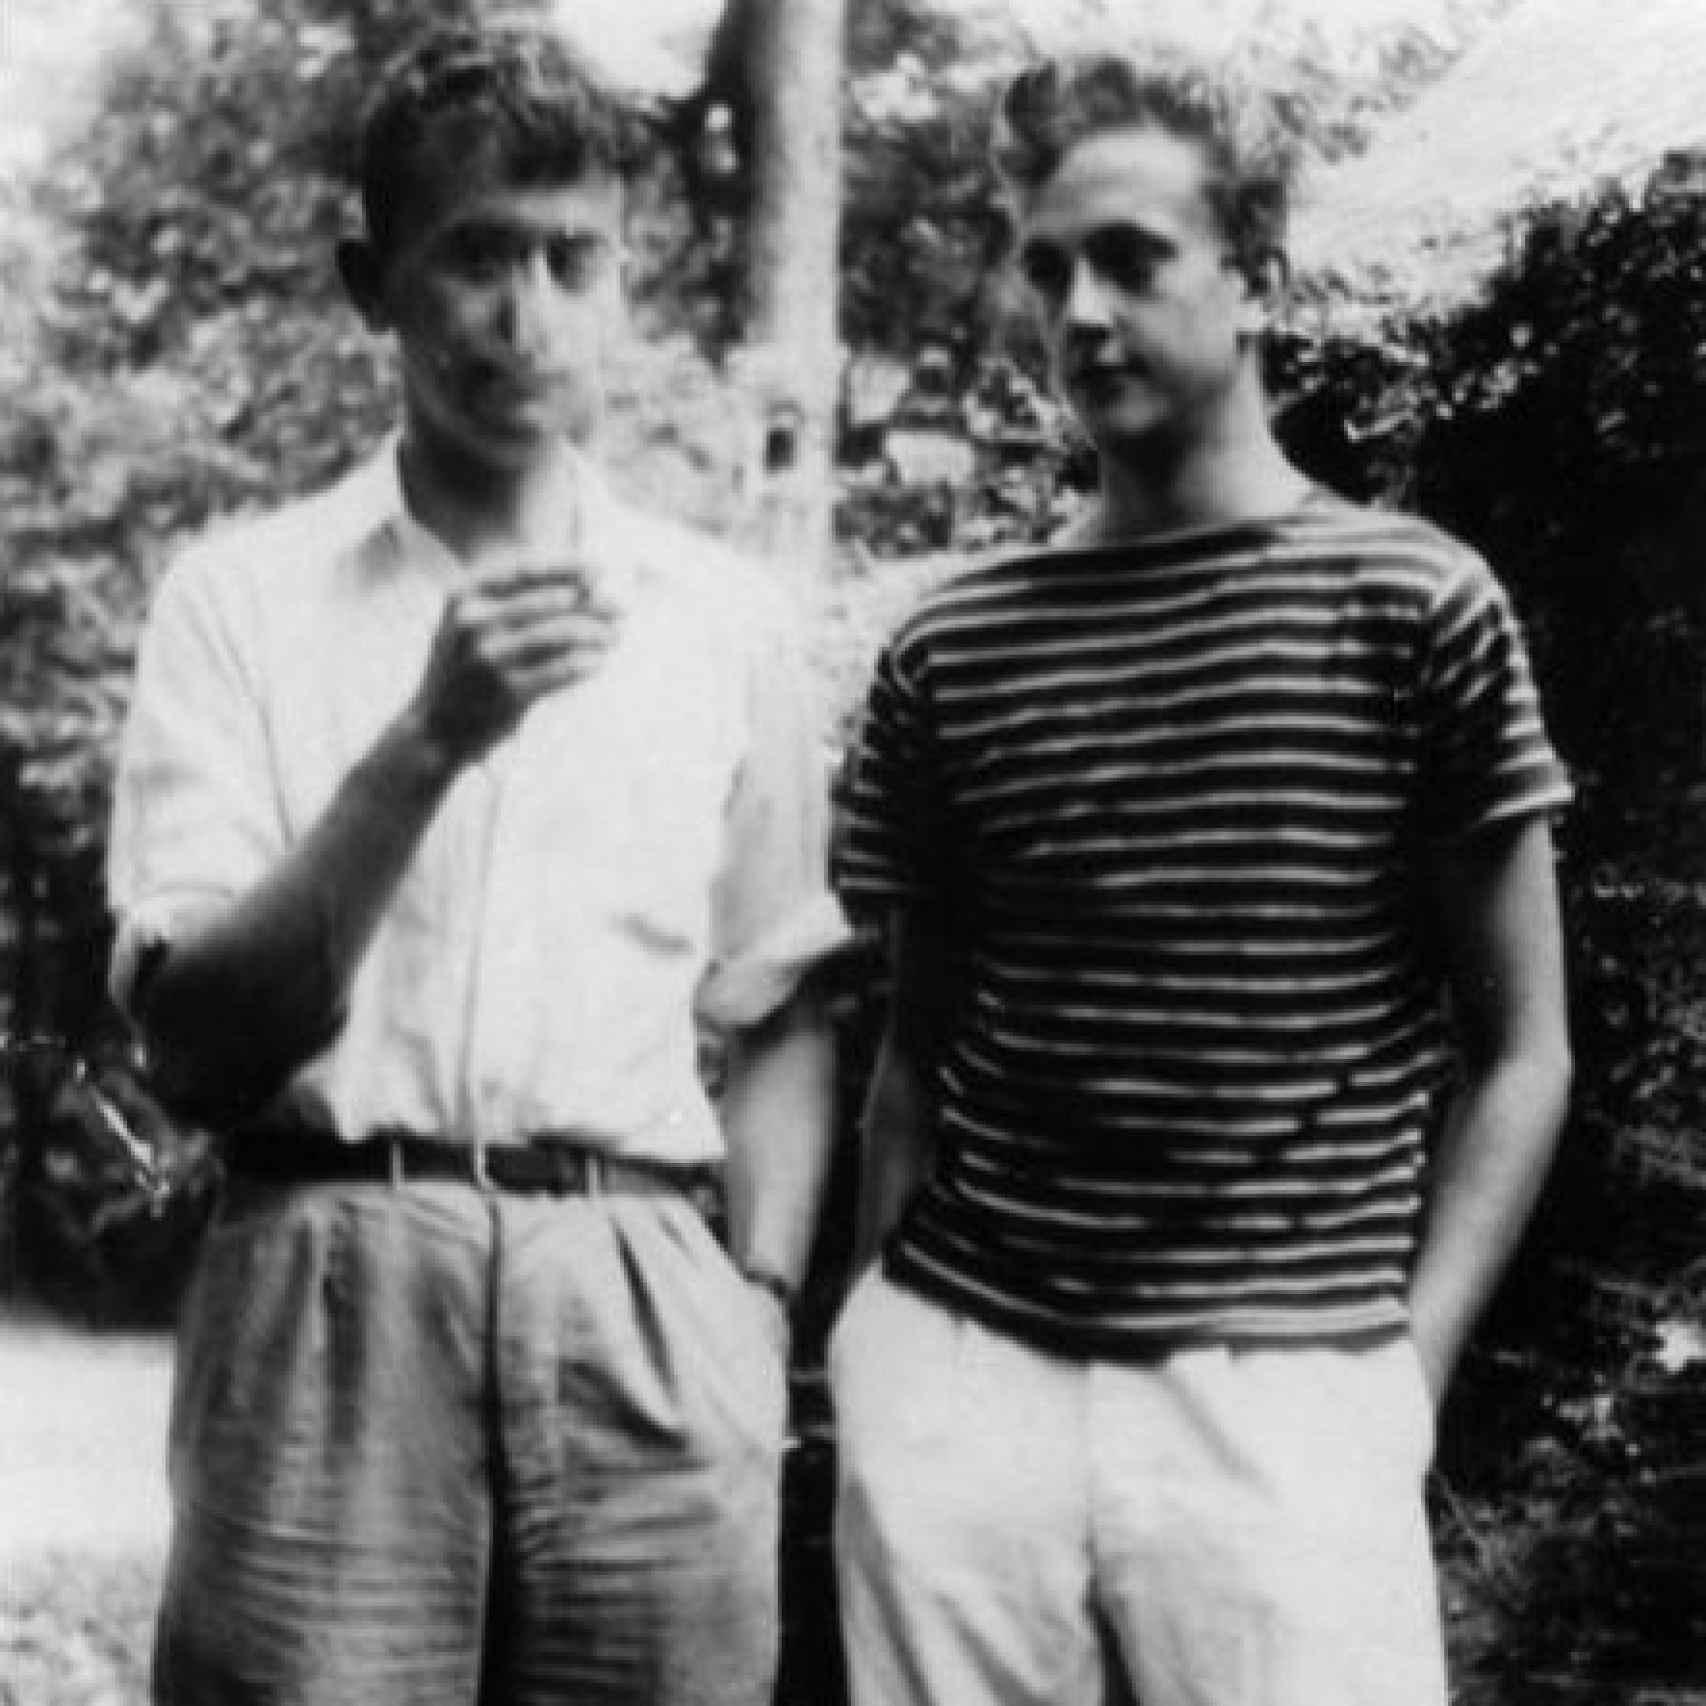 Bernard y Kurt, en casa, antes de que Kurt se alistara.